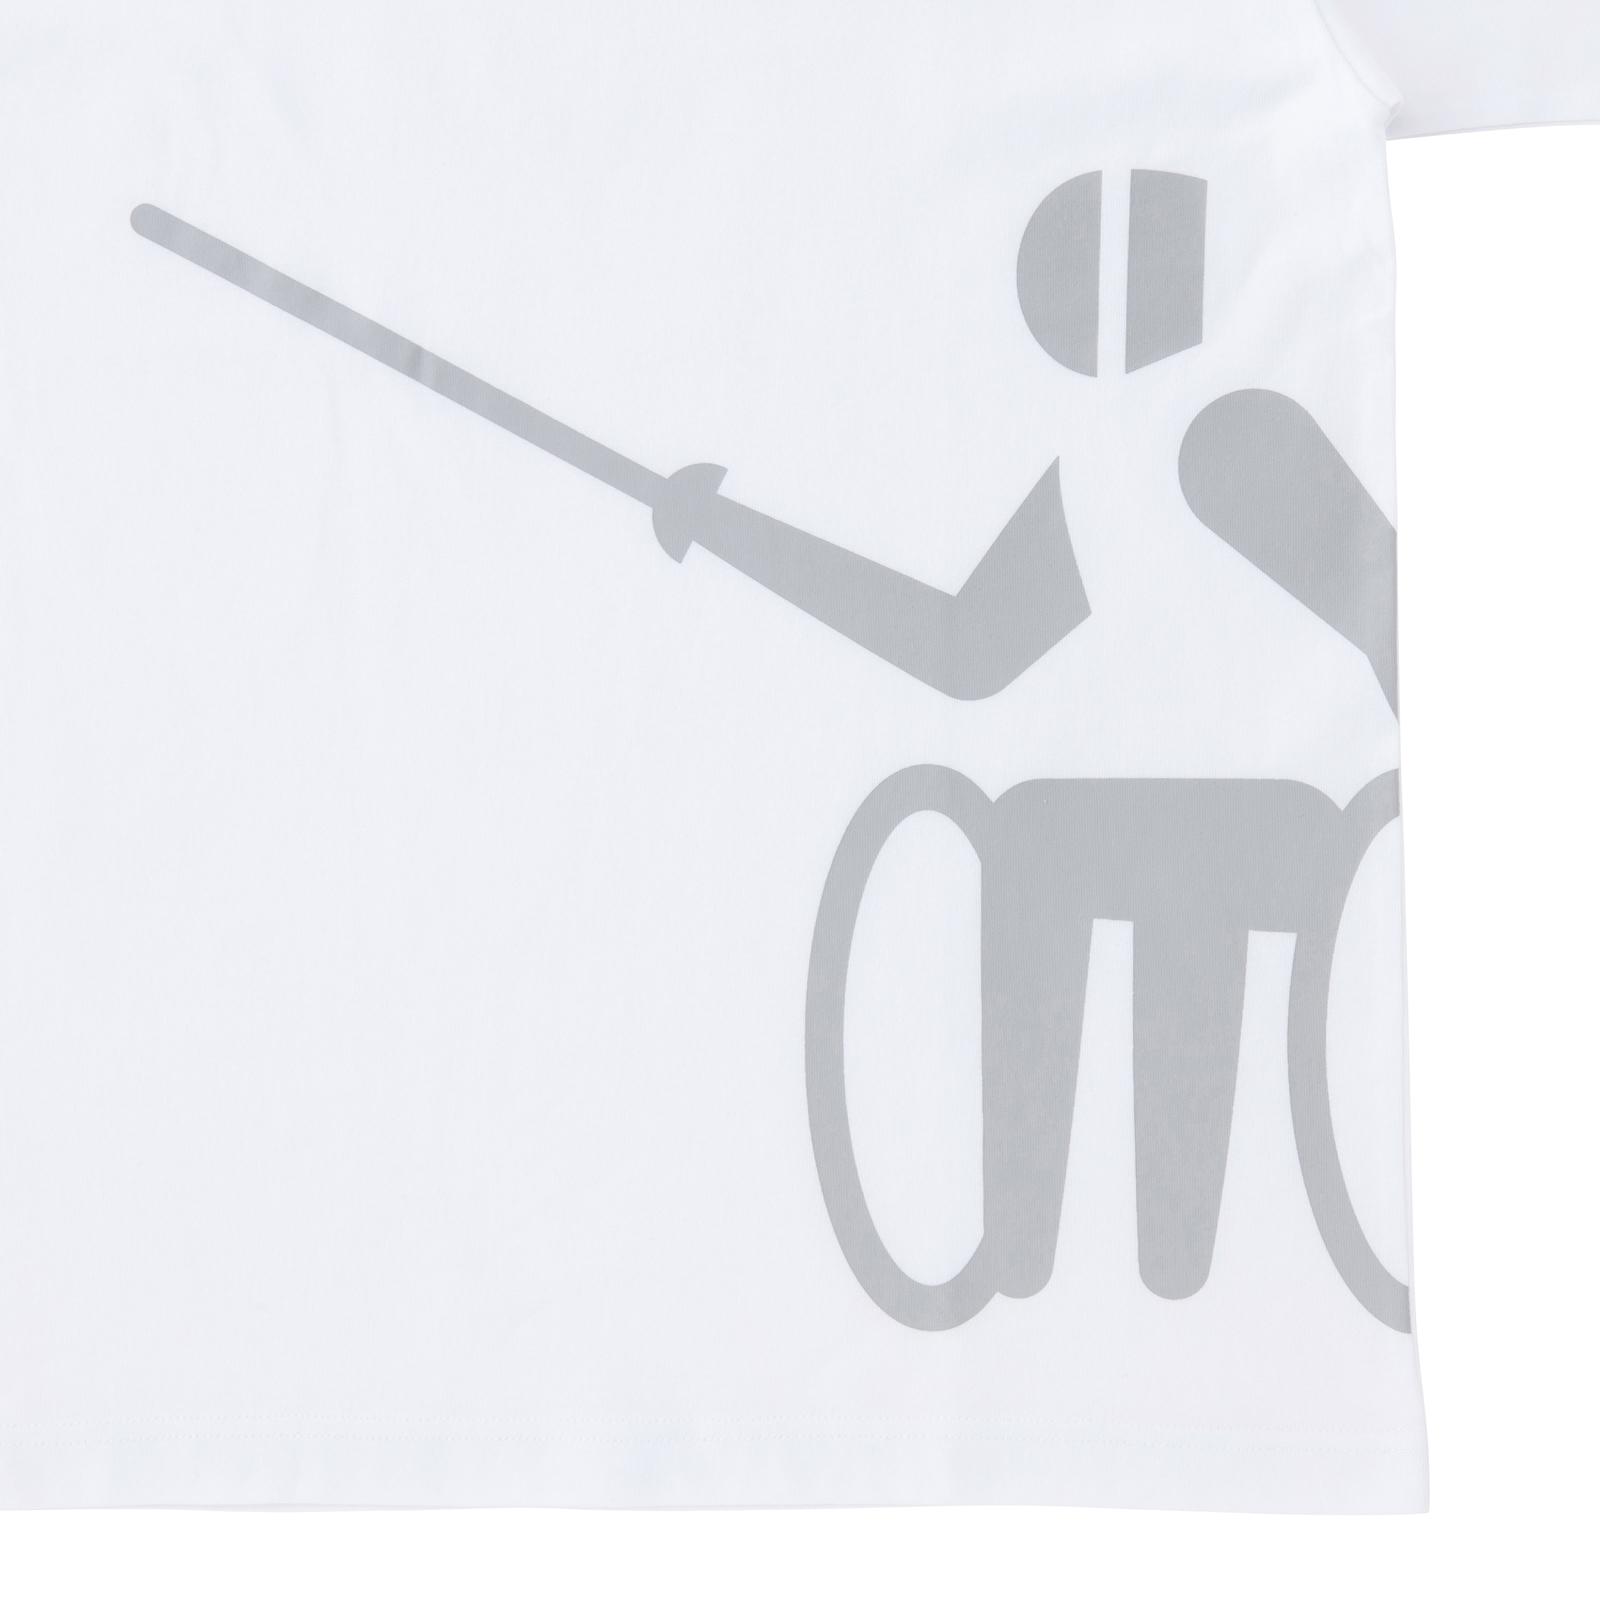 Tシャツ車いすフェンシング(東京2020パラリンピックスポーツピクトグラム)